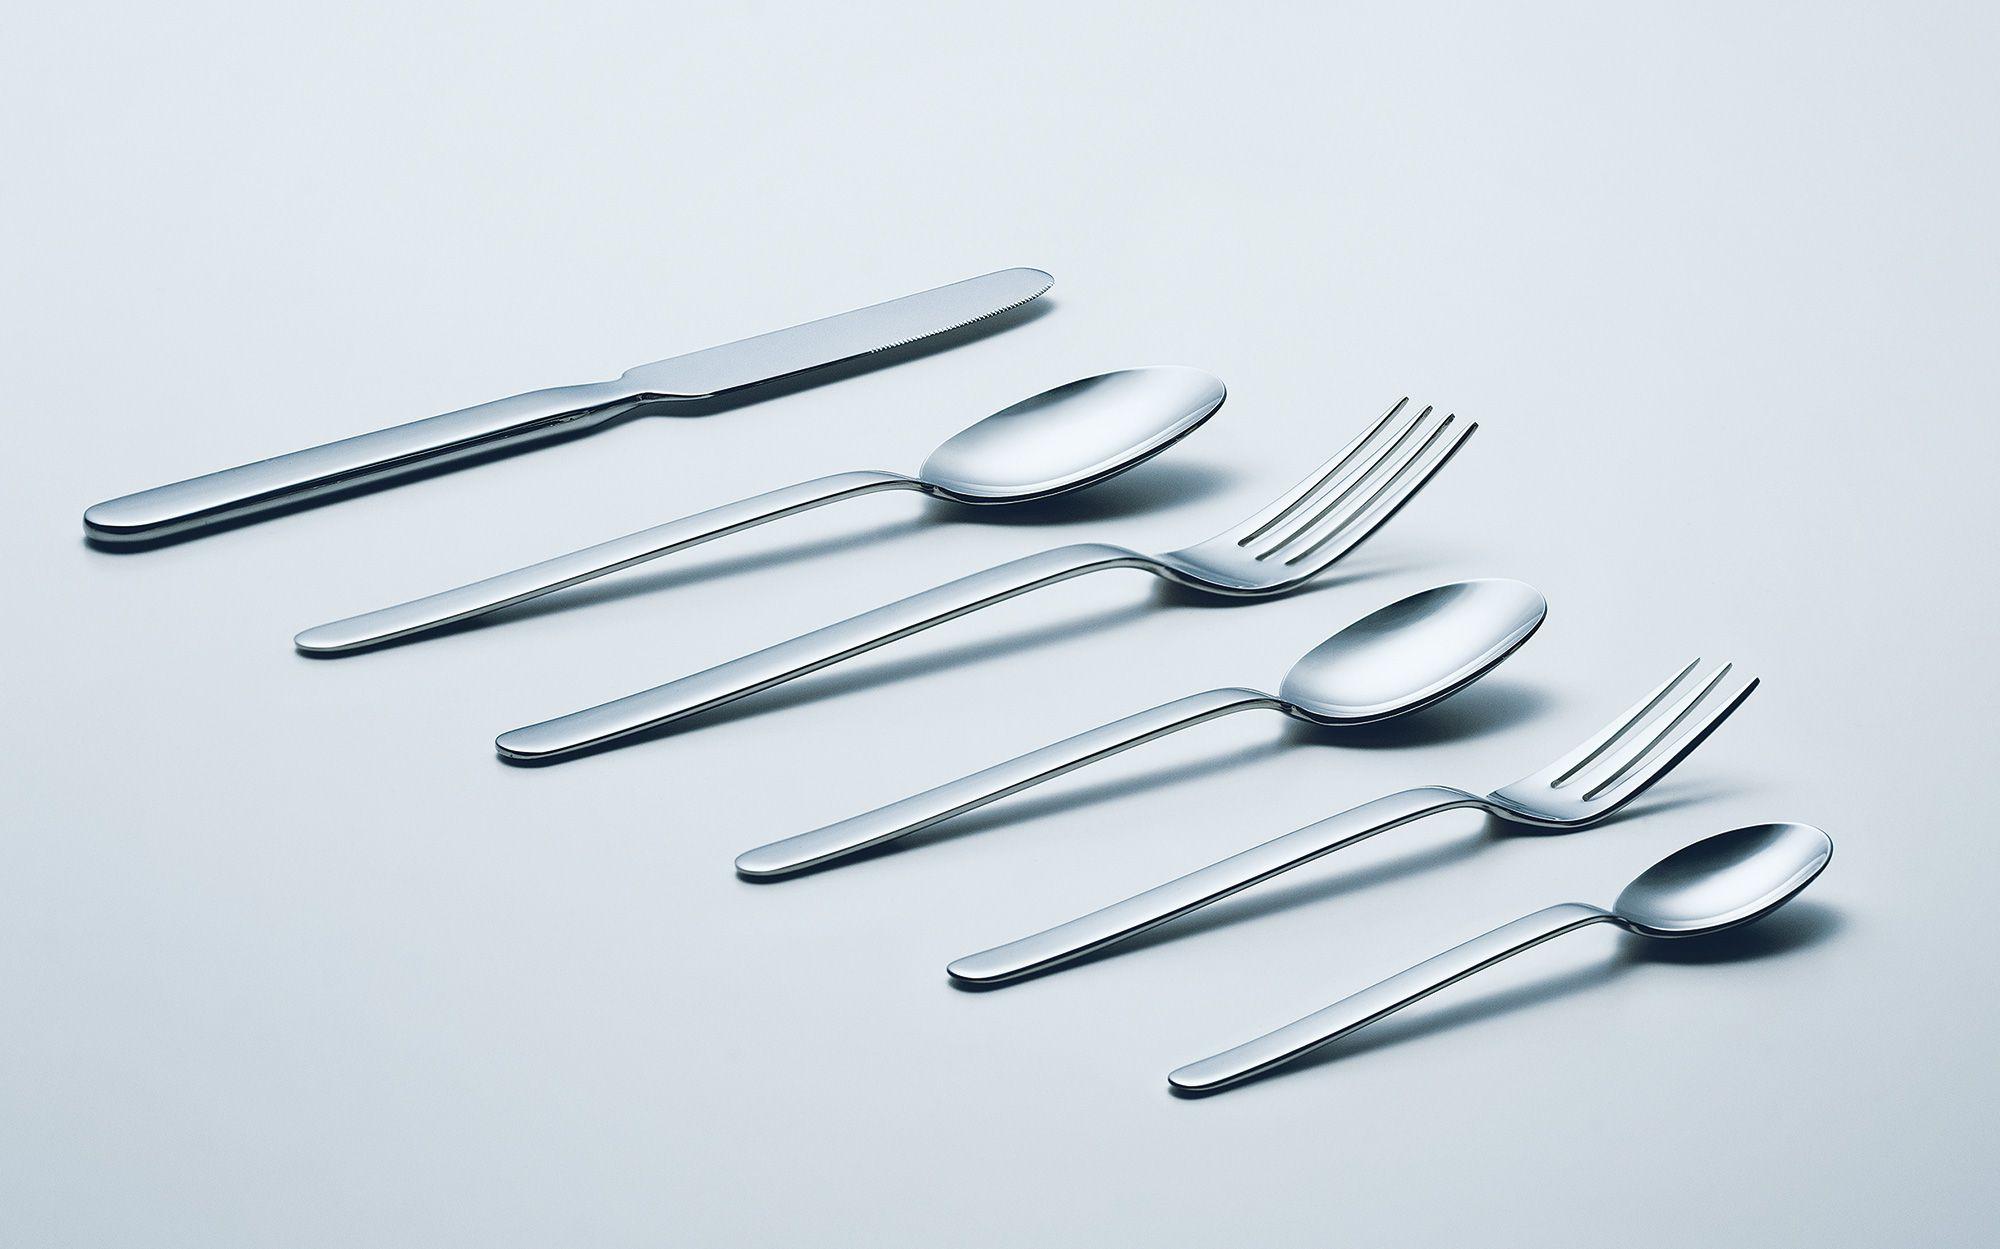 刀具包含餐刀(1,296 日元)、餐叉(972 日元)等6种